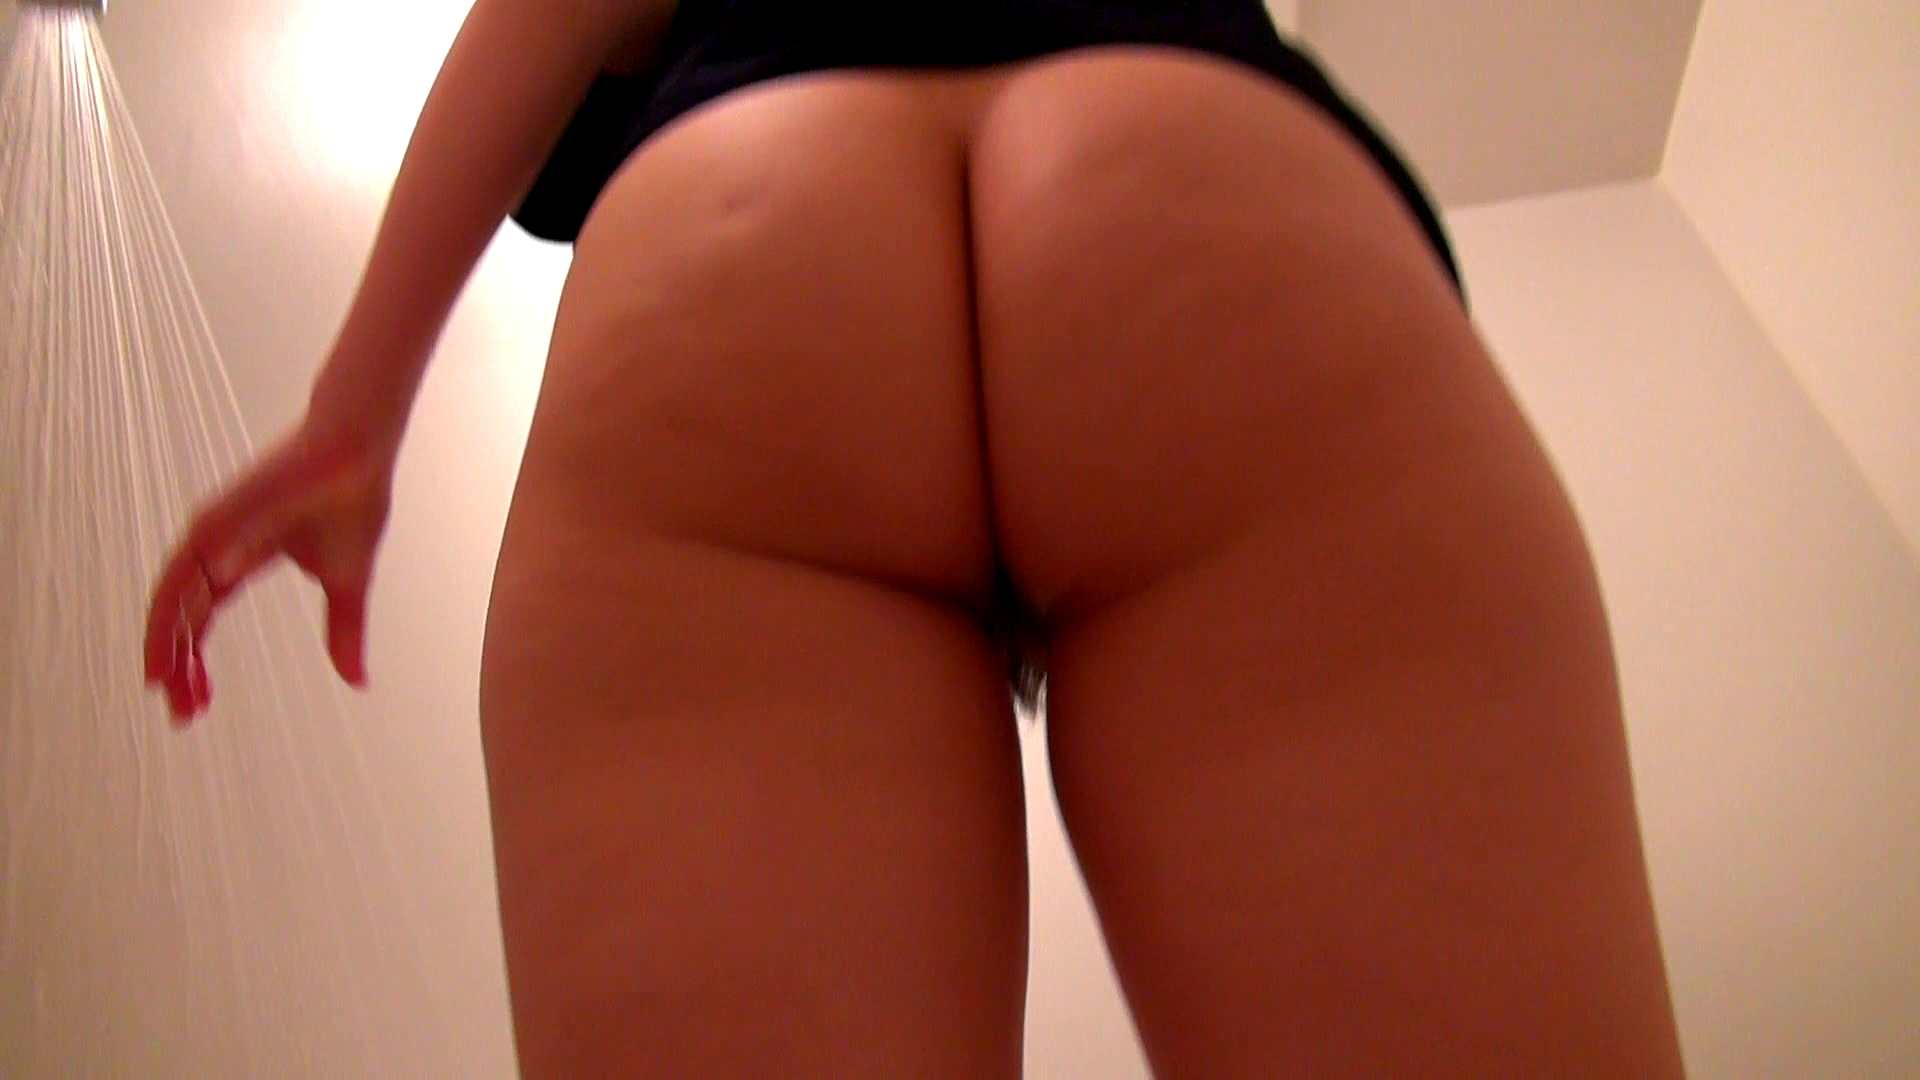 下半身裸で風呂の掃除をしてもらいました。 盗撮 セックス画像 71PIX 66